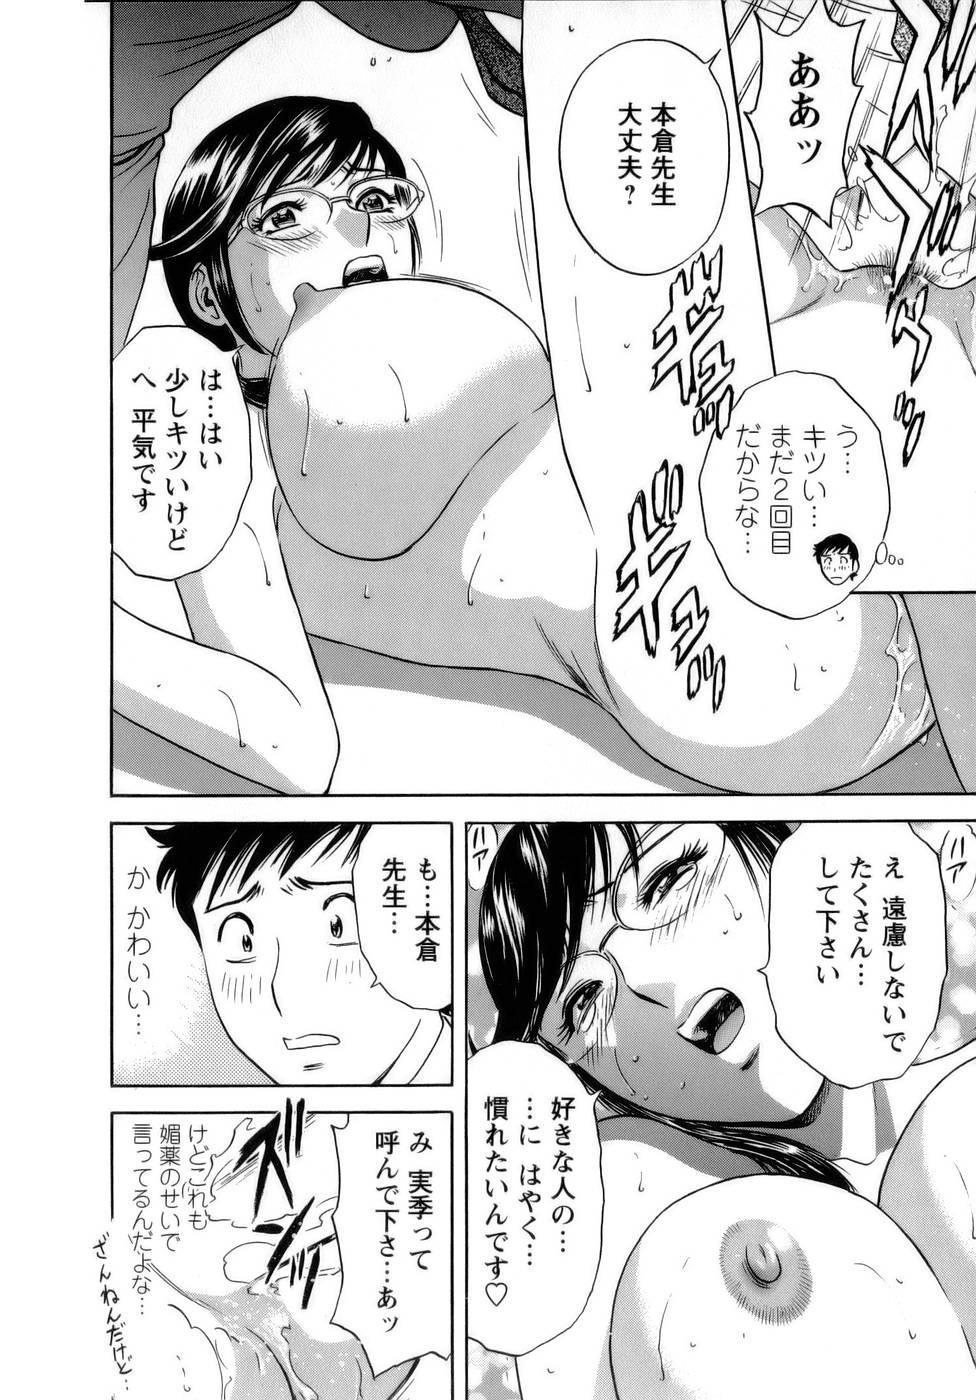 [Hidemaru] Mo-Retsu! Boin Sensei (Boing Boing Teacher) Vol.1 125